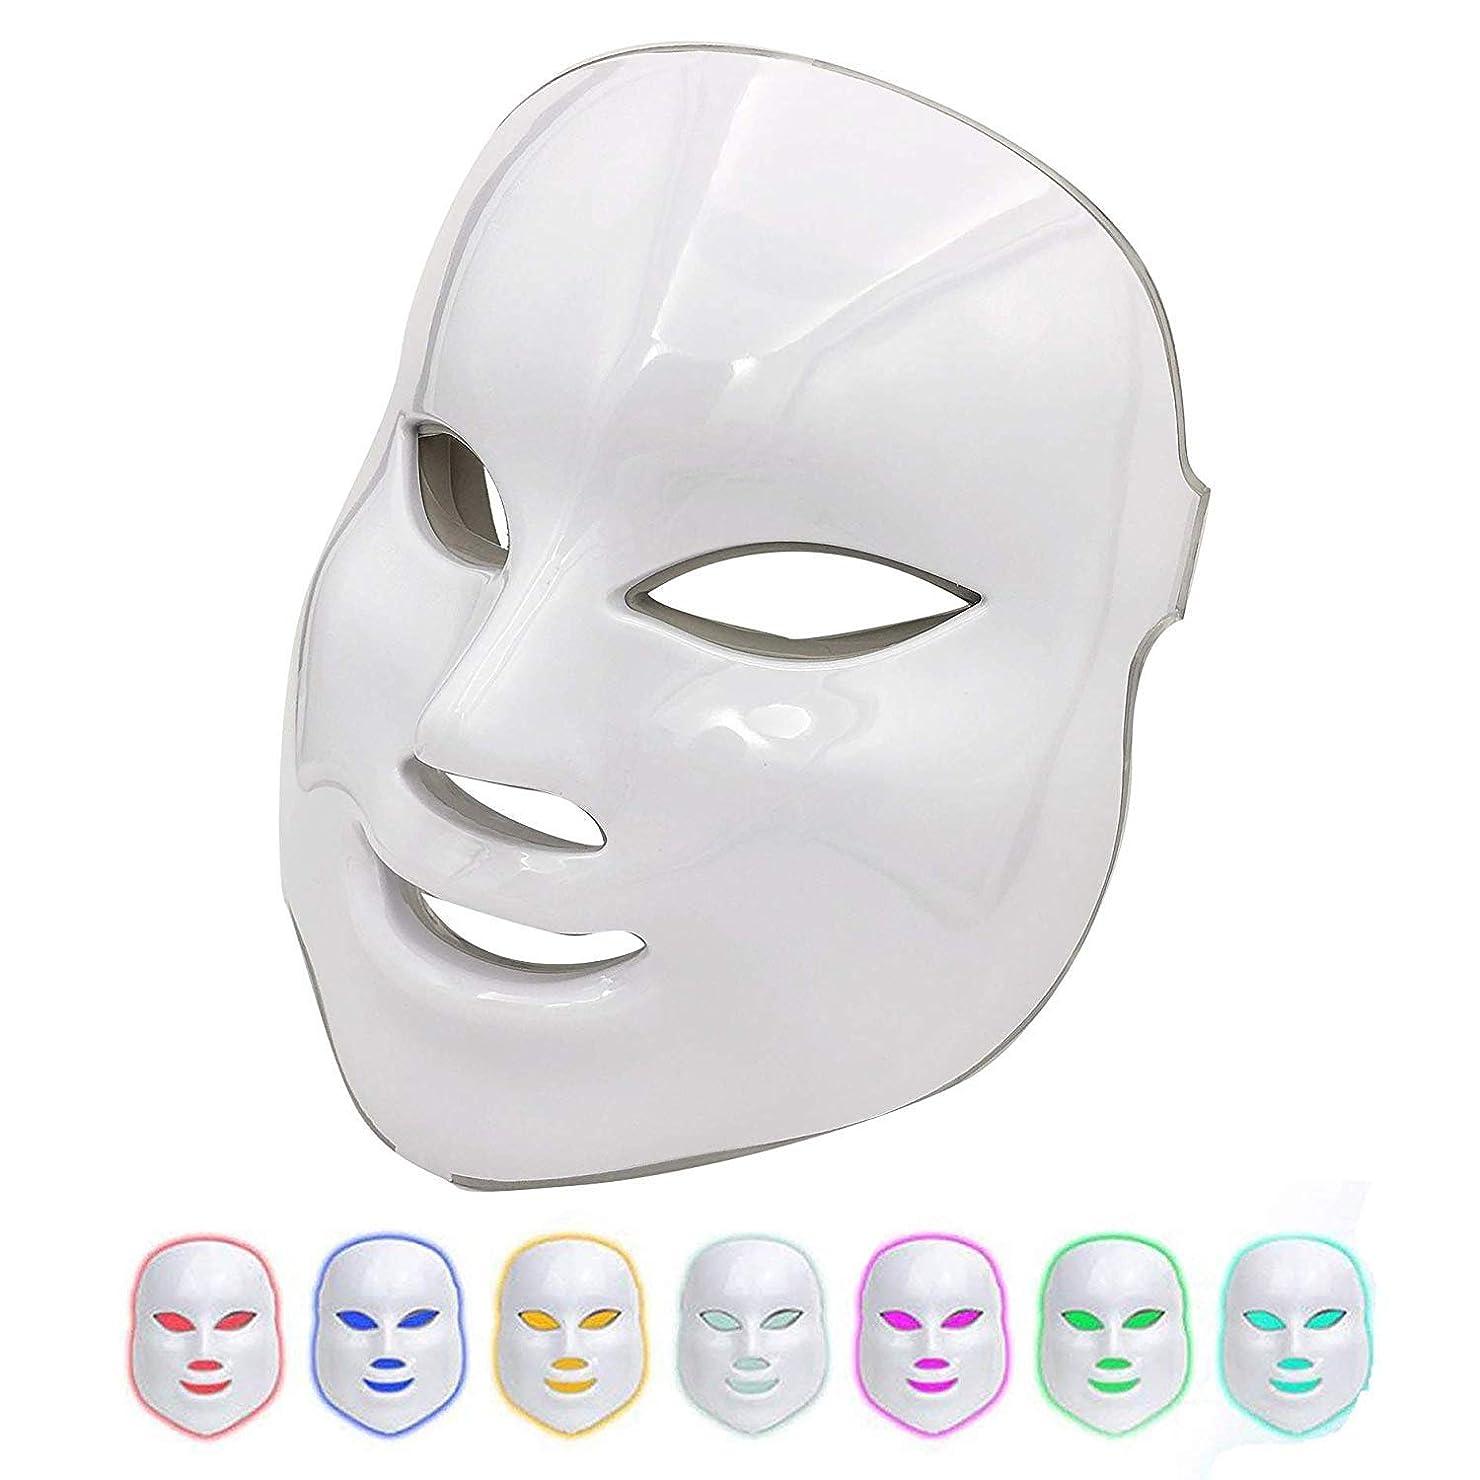 応用レンド良心的美容マスク7色ledライト光子療法にきび跡除去アンチエイジング肌の若返りフェイシャルケアフェイシャルトーンデバイス